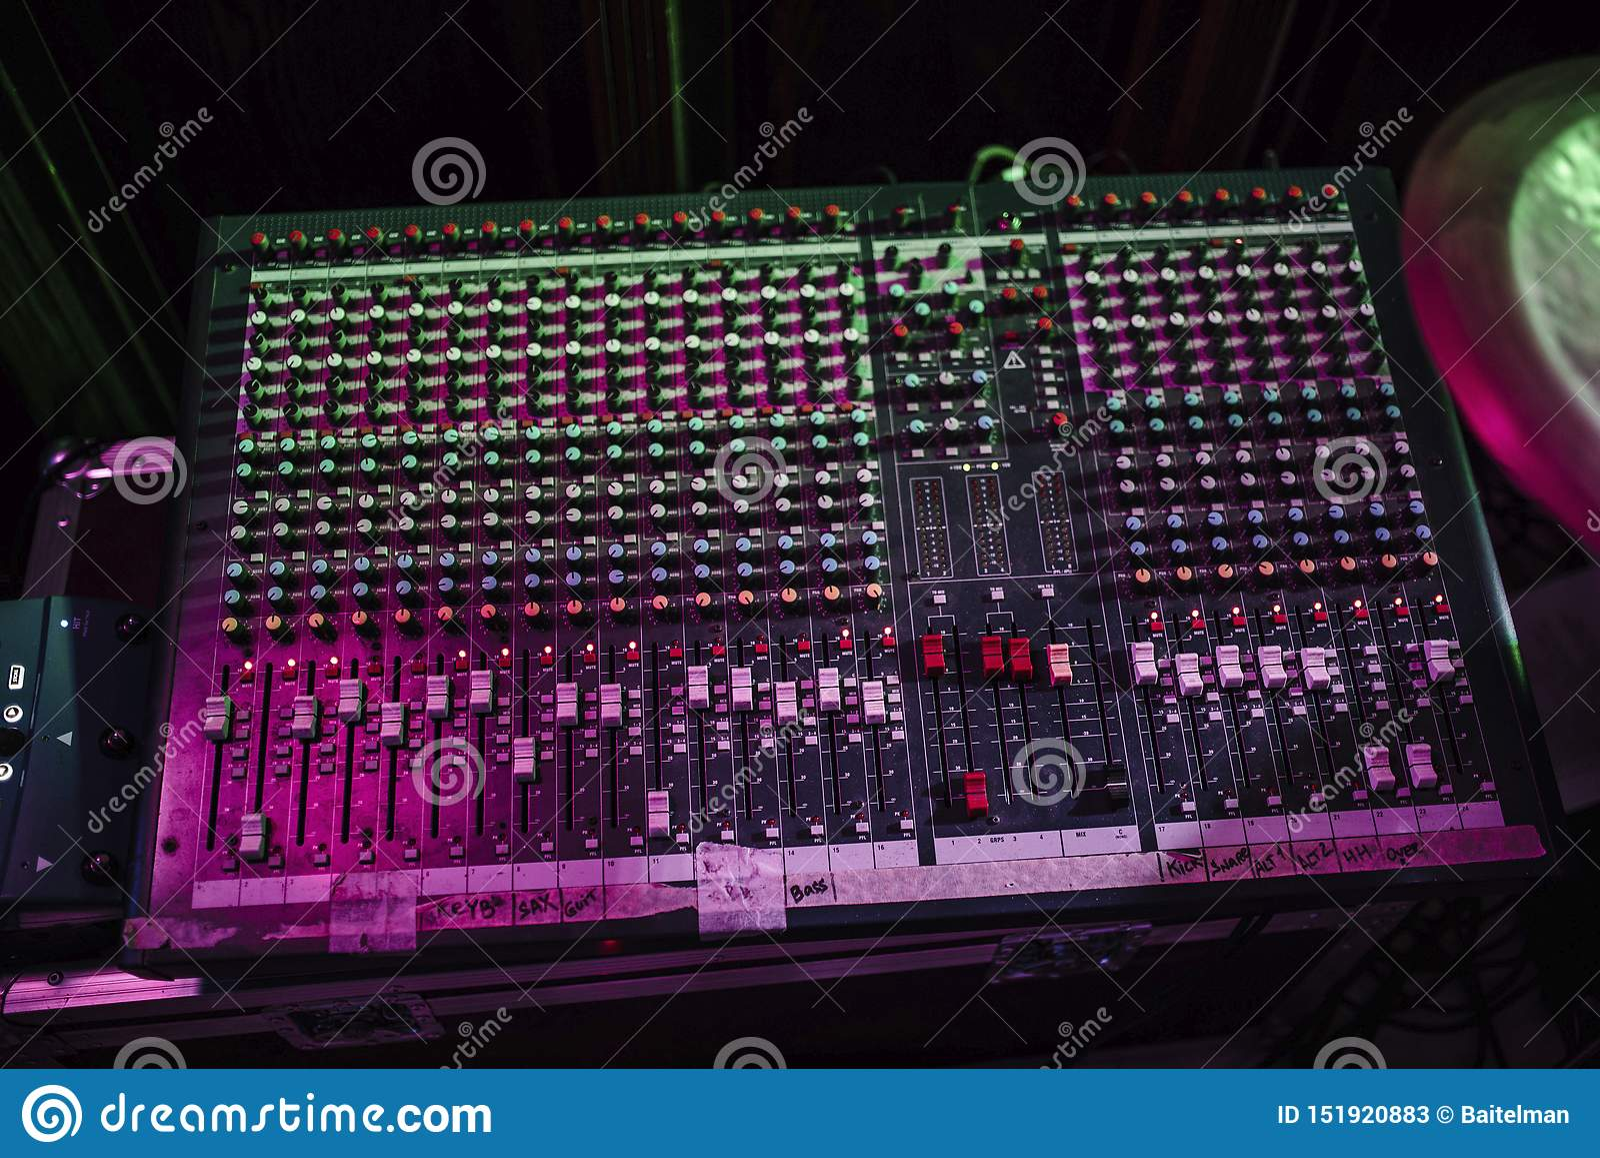 Η κονσόλα μουσικής του υγιούς μηχανικού Η επιτροπή του υγιούς παραγωγού στο στούντιο καταγραφής